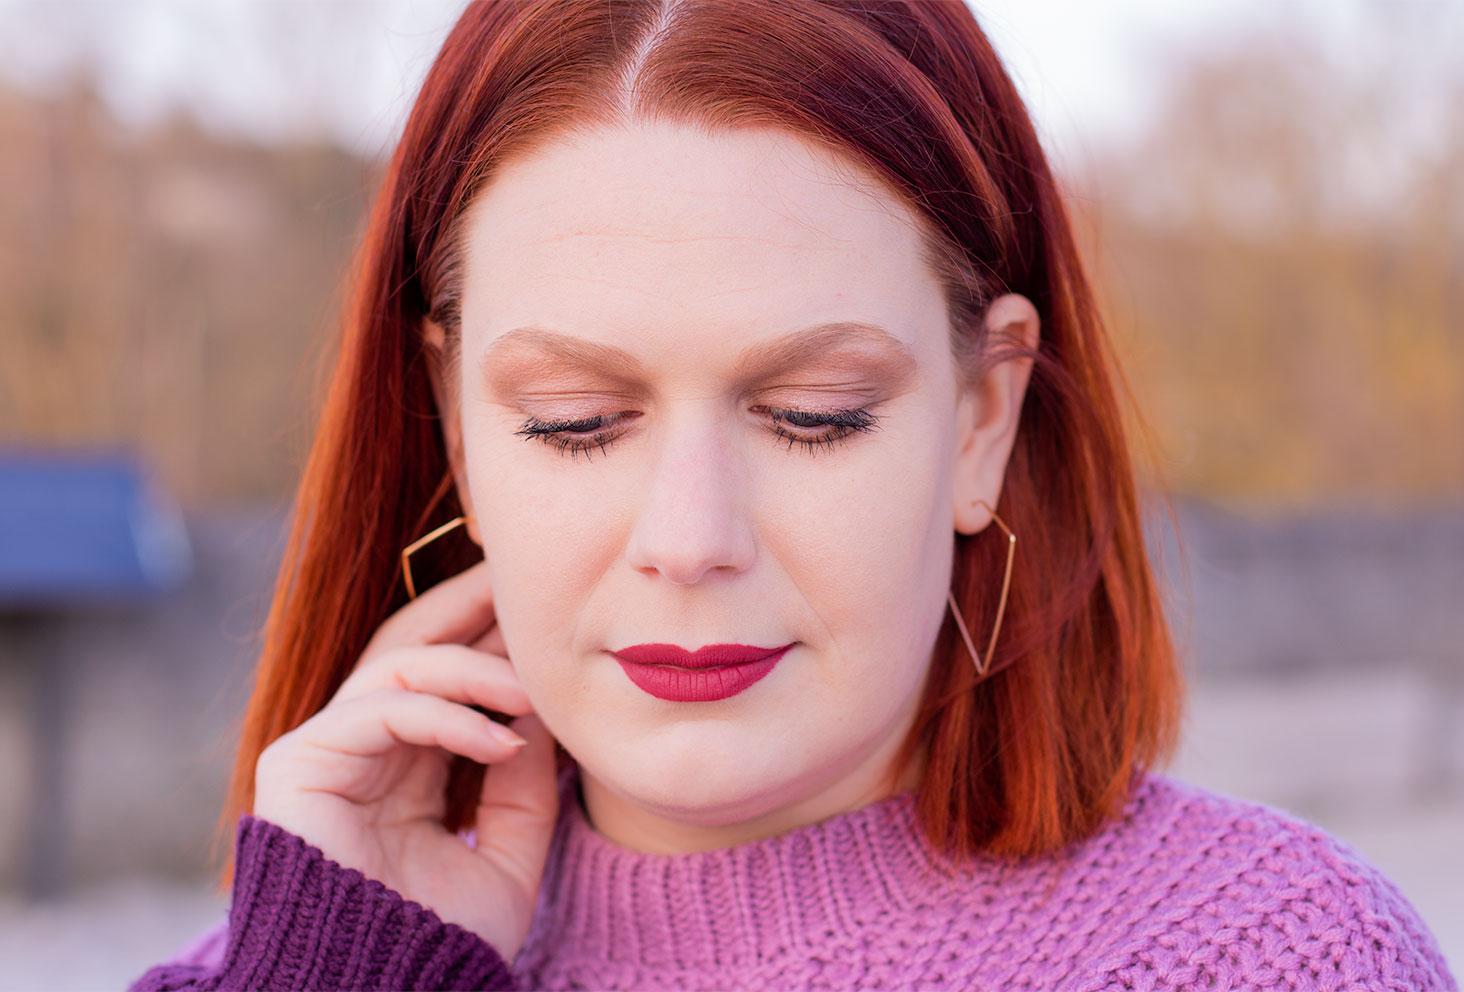 Résultat d'un maquillage à petit prix réalisé avec une palette Wet'n'wild et d'un rouge à lèvres nude NYX